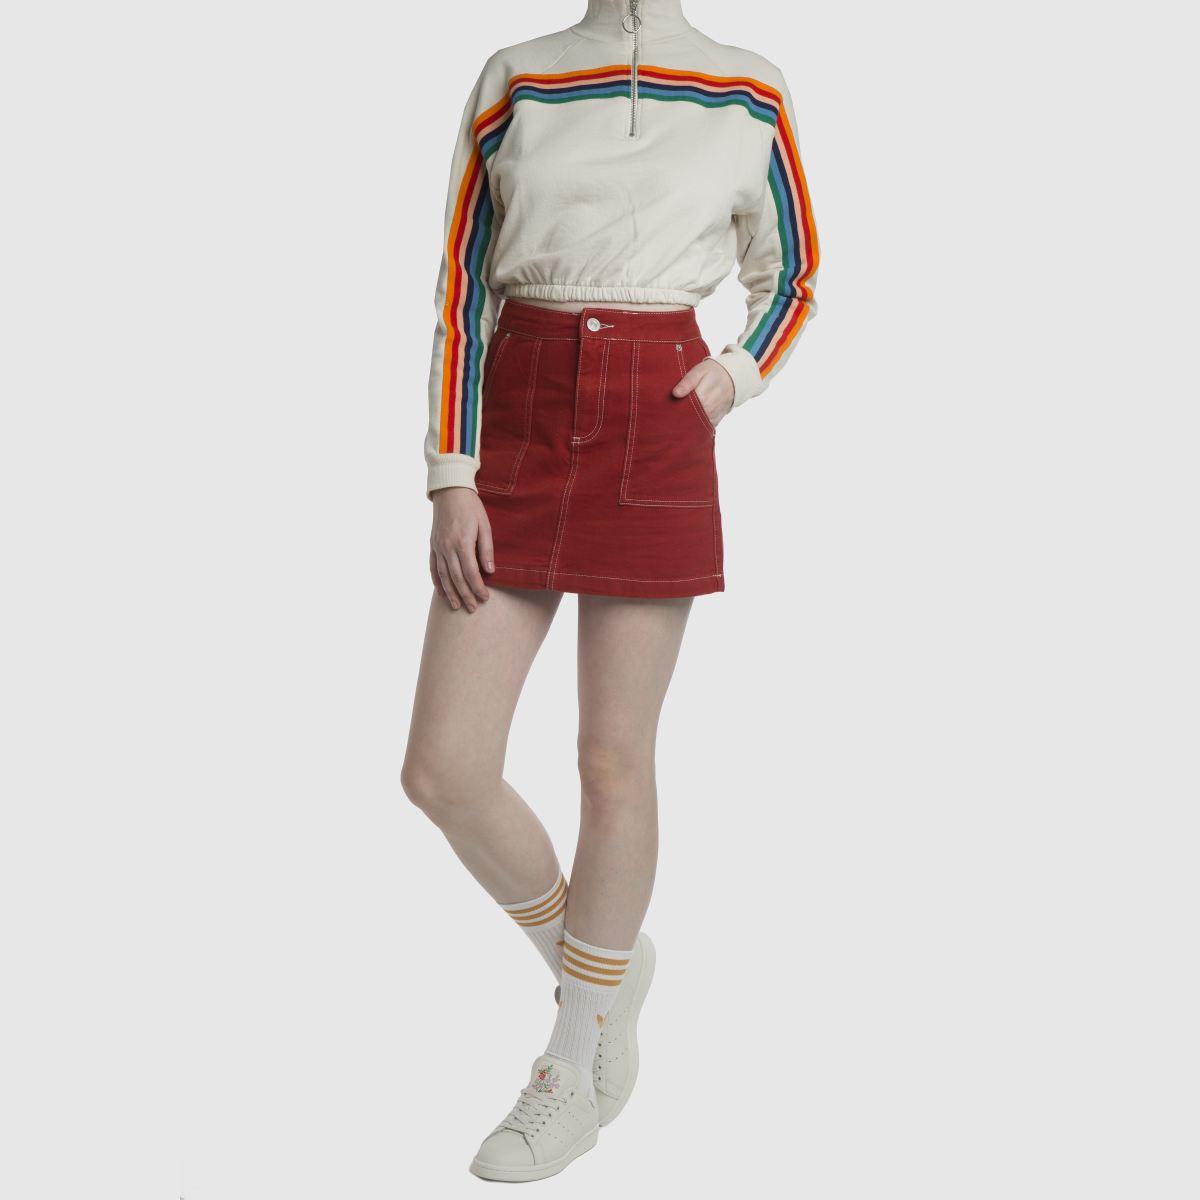 Damen Steingrau adidas Stan Smith Sneaker | schuh Gute Qualität beliebte Schuhe